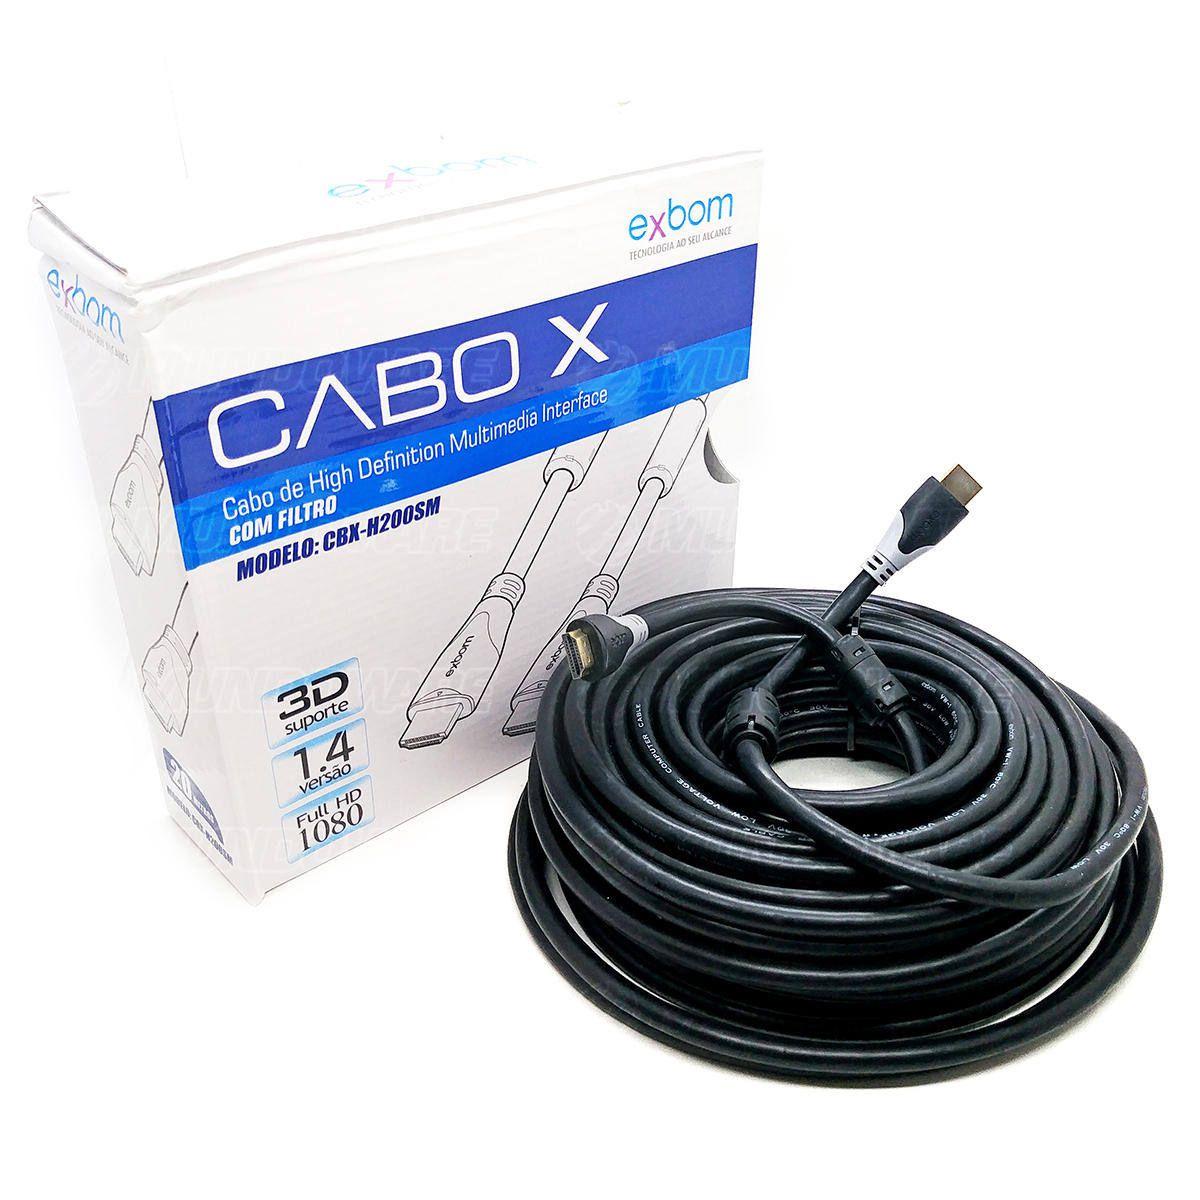 Cabo HDMI 20 metros com Filtro Emborrachado Blindado v1.4 Full HD 1080 3D Suporte Exbom CBX-H200SM Preto